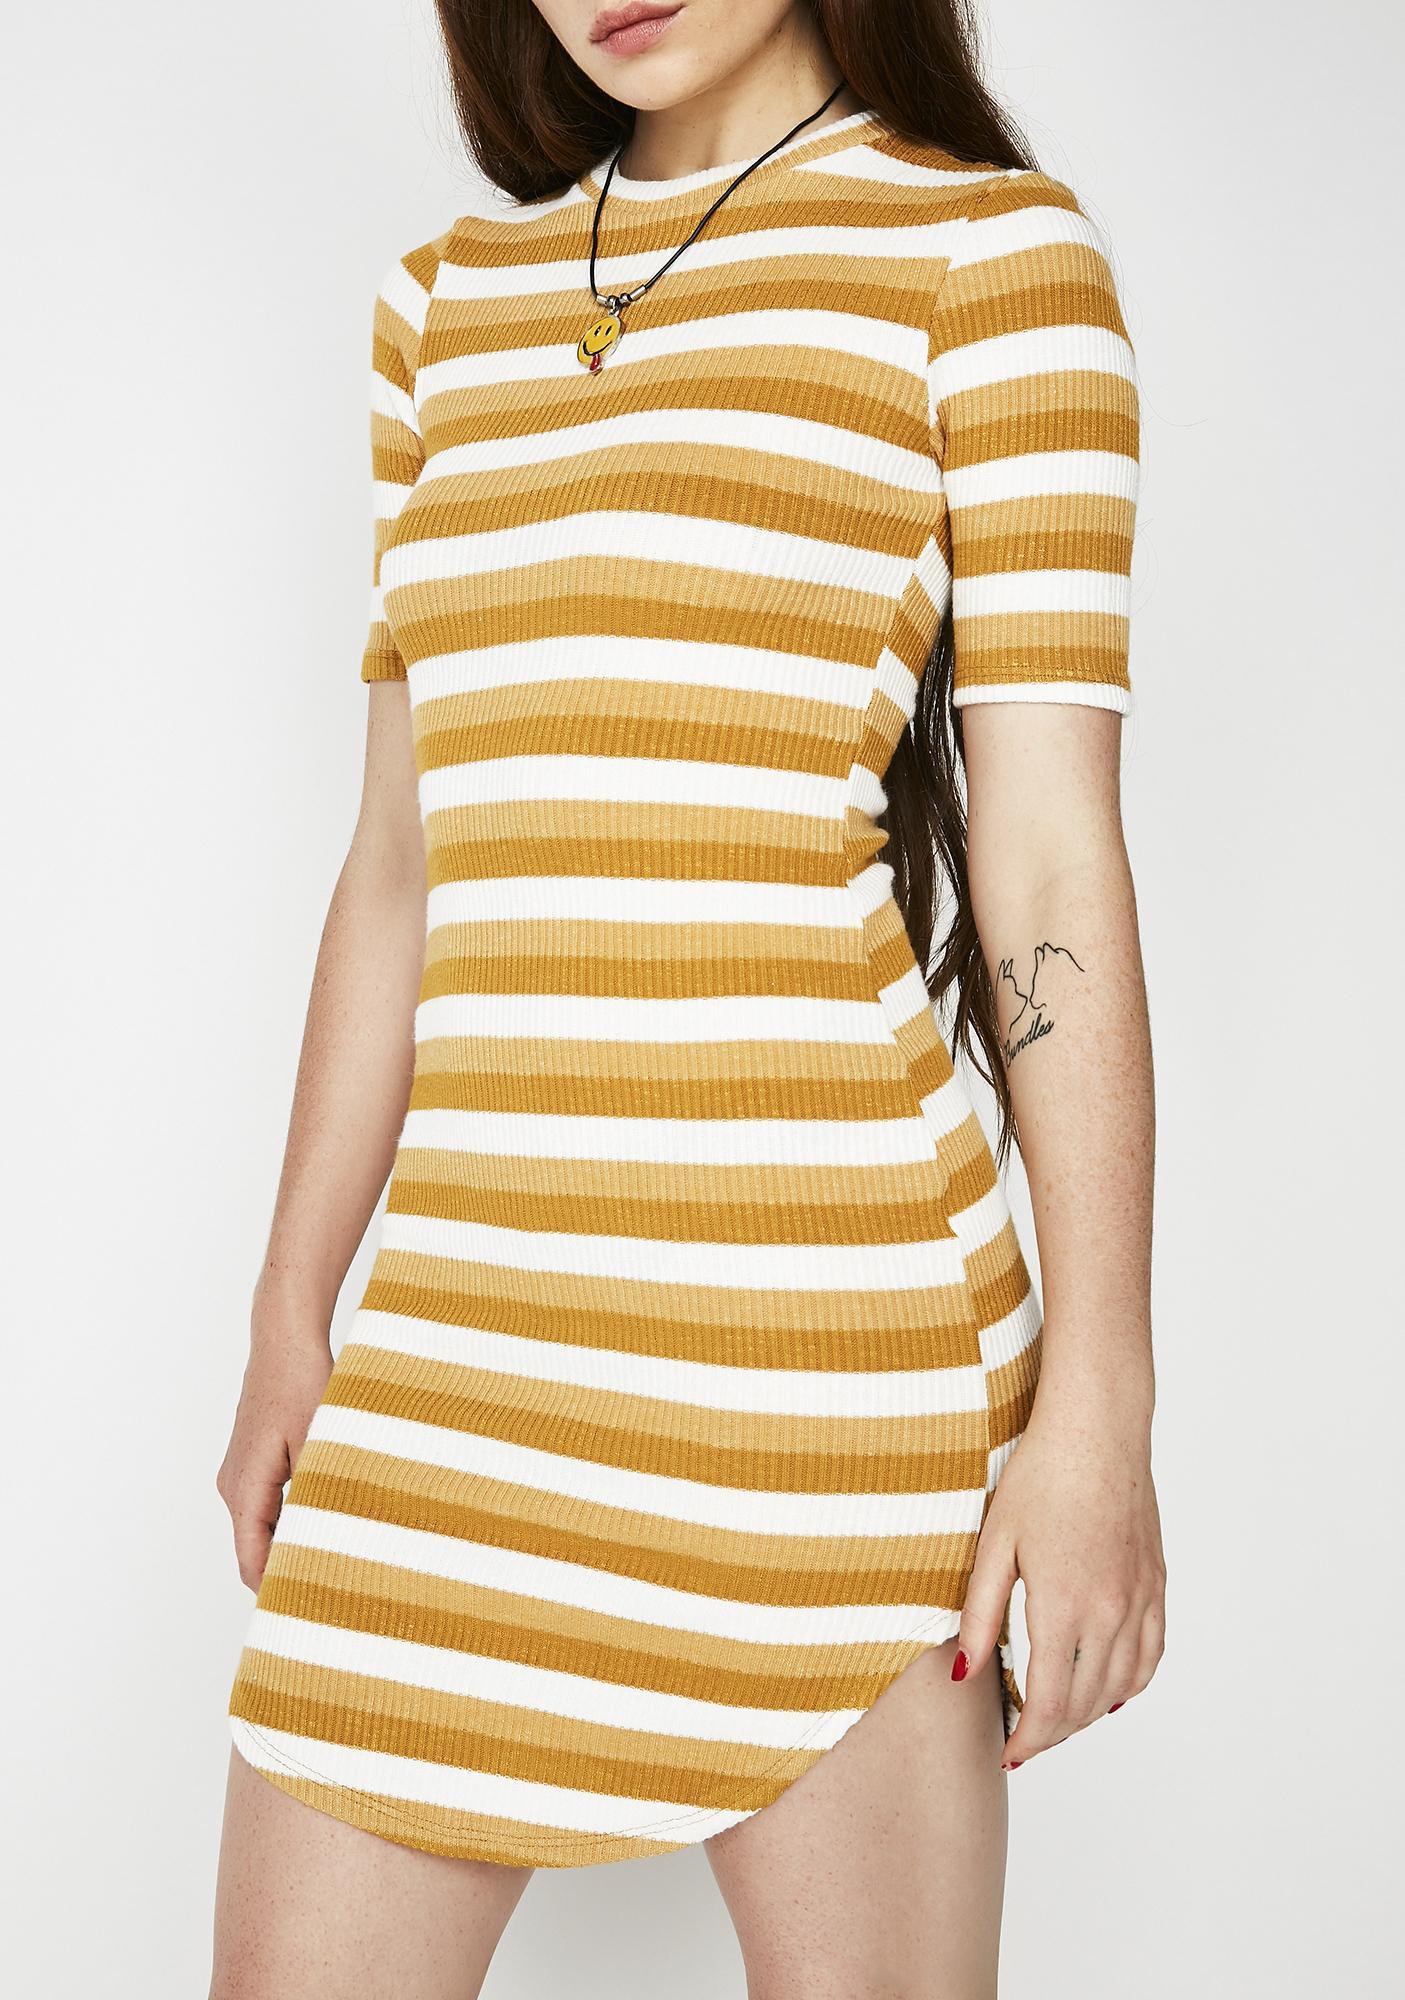 c47884a9a8ecc ... Creamsicle Mod About You Striped Dress ...